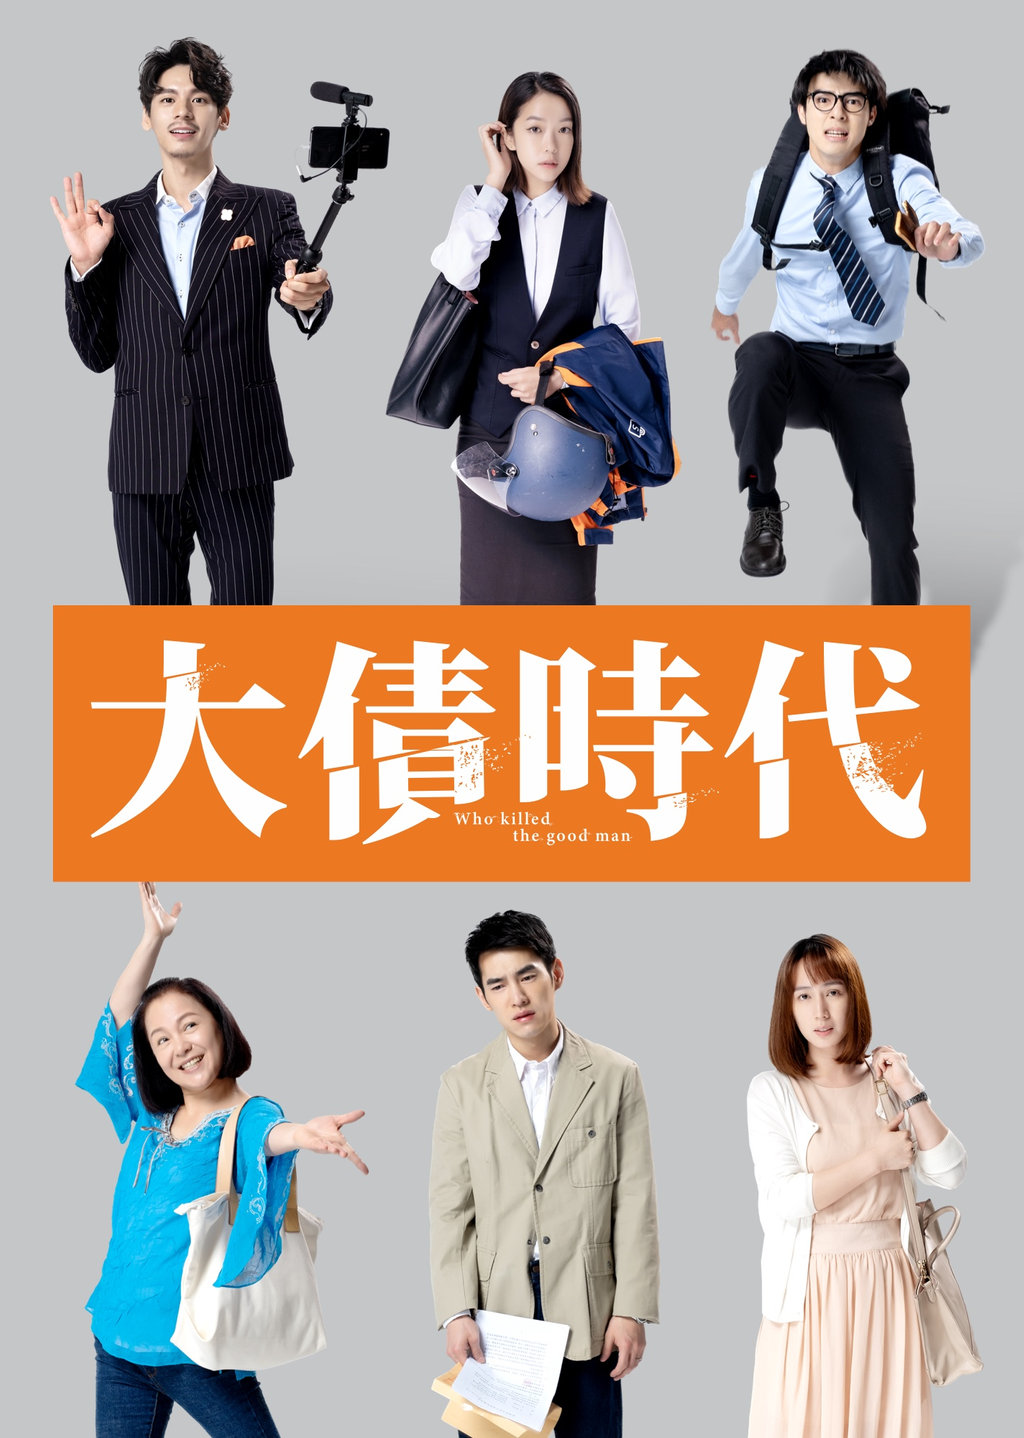 大債時代第1集 免費線上看 臺劇 LINE TV-精彩隨看